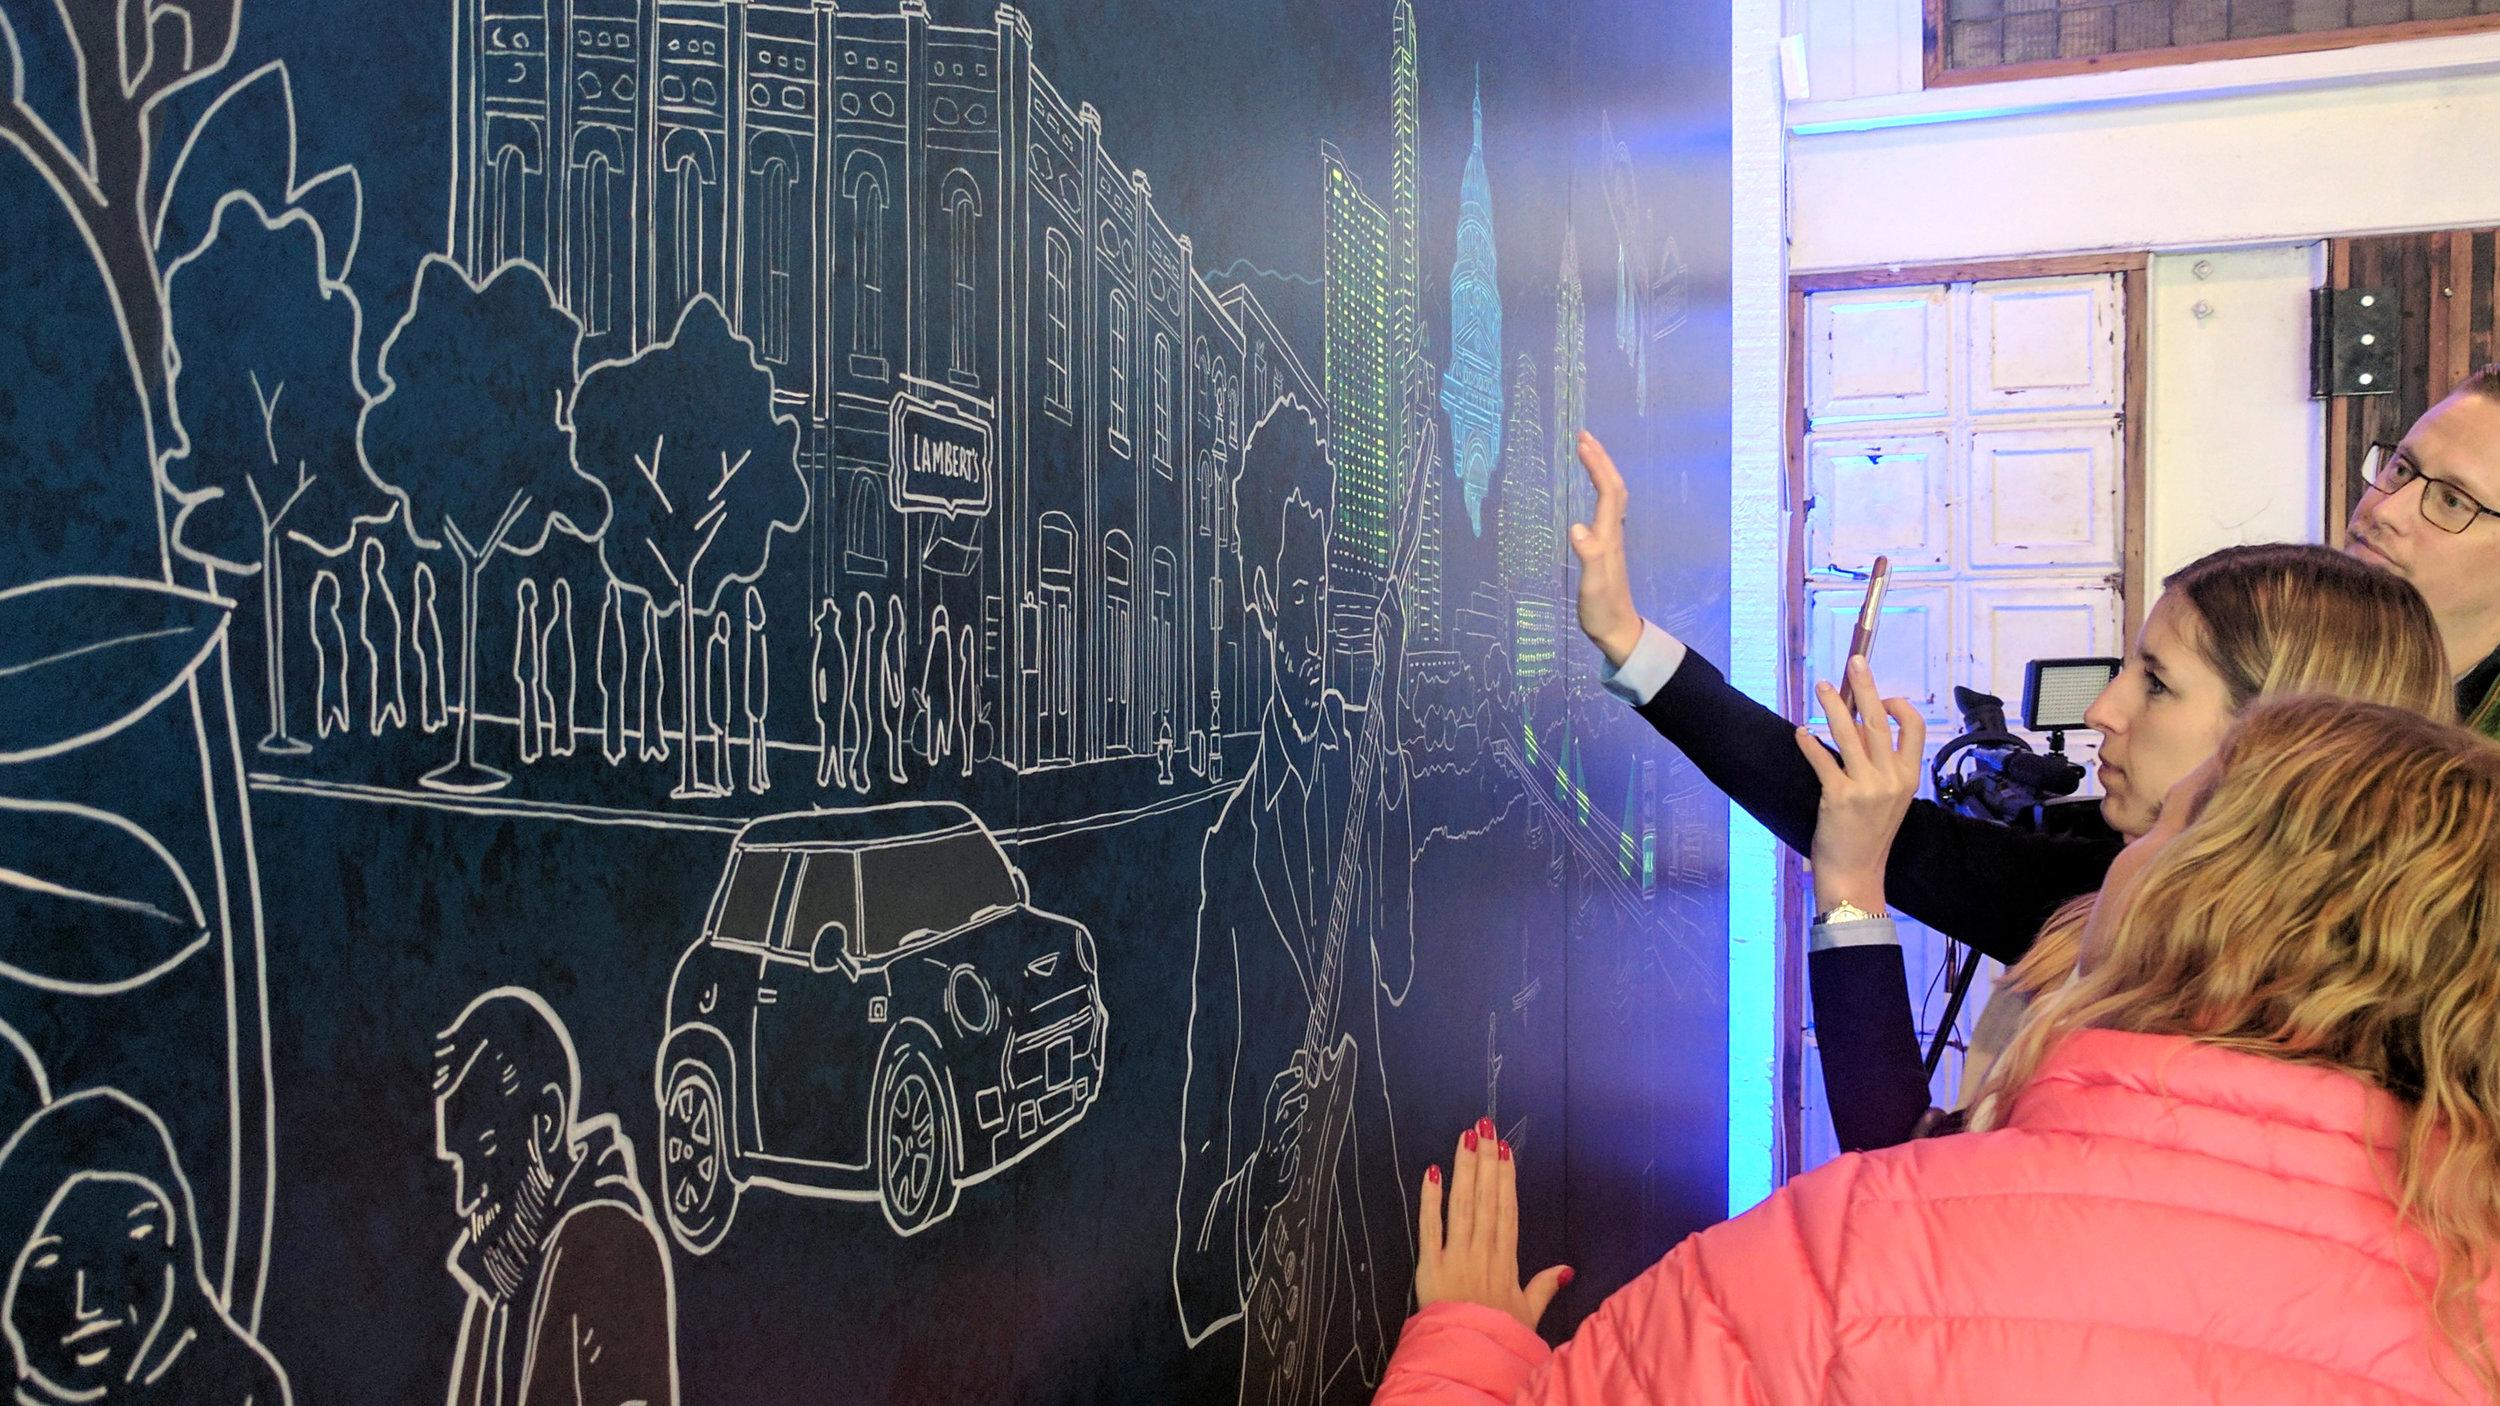 SXSW Interactive Mural